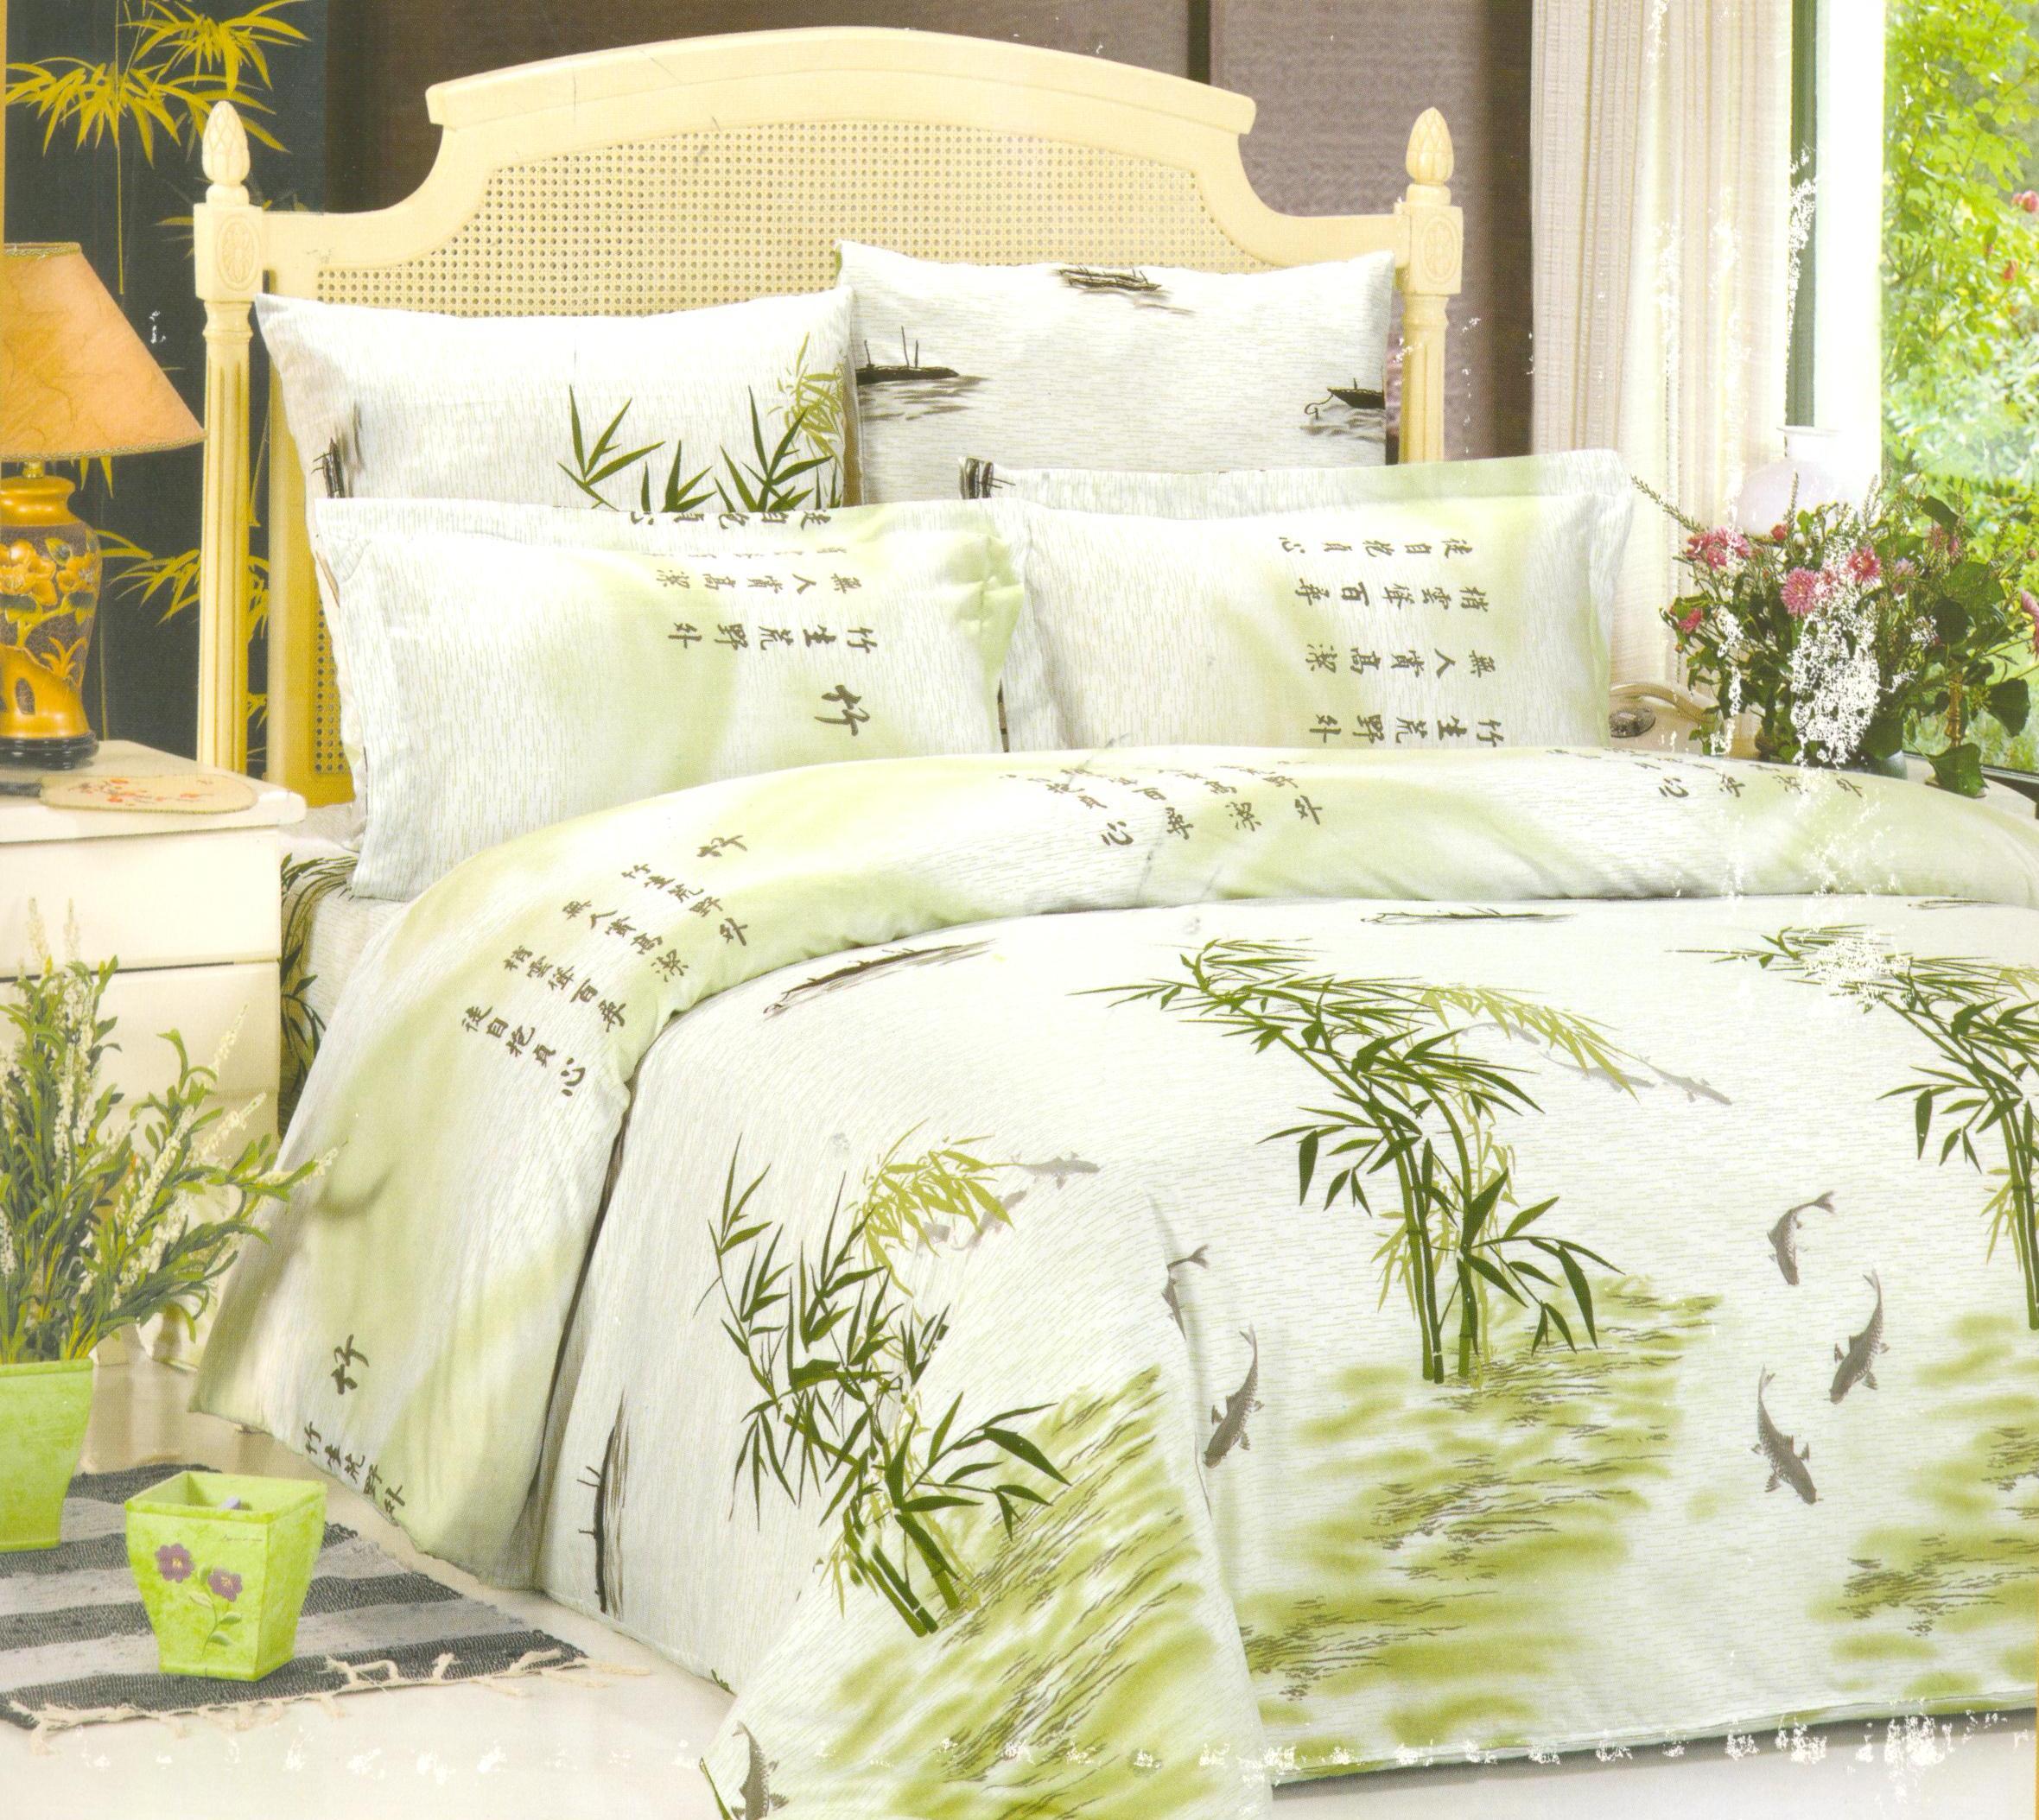 Купить Комплекты постельного белья СайлиД, Постельное белье Aimee А/s-96 (1, 5 сп.), Китай, Белый, Зеленый, Поплин